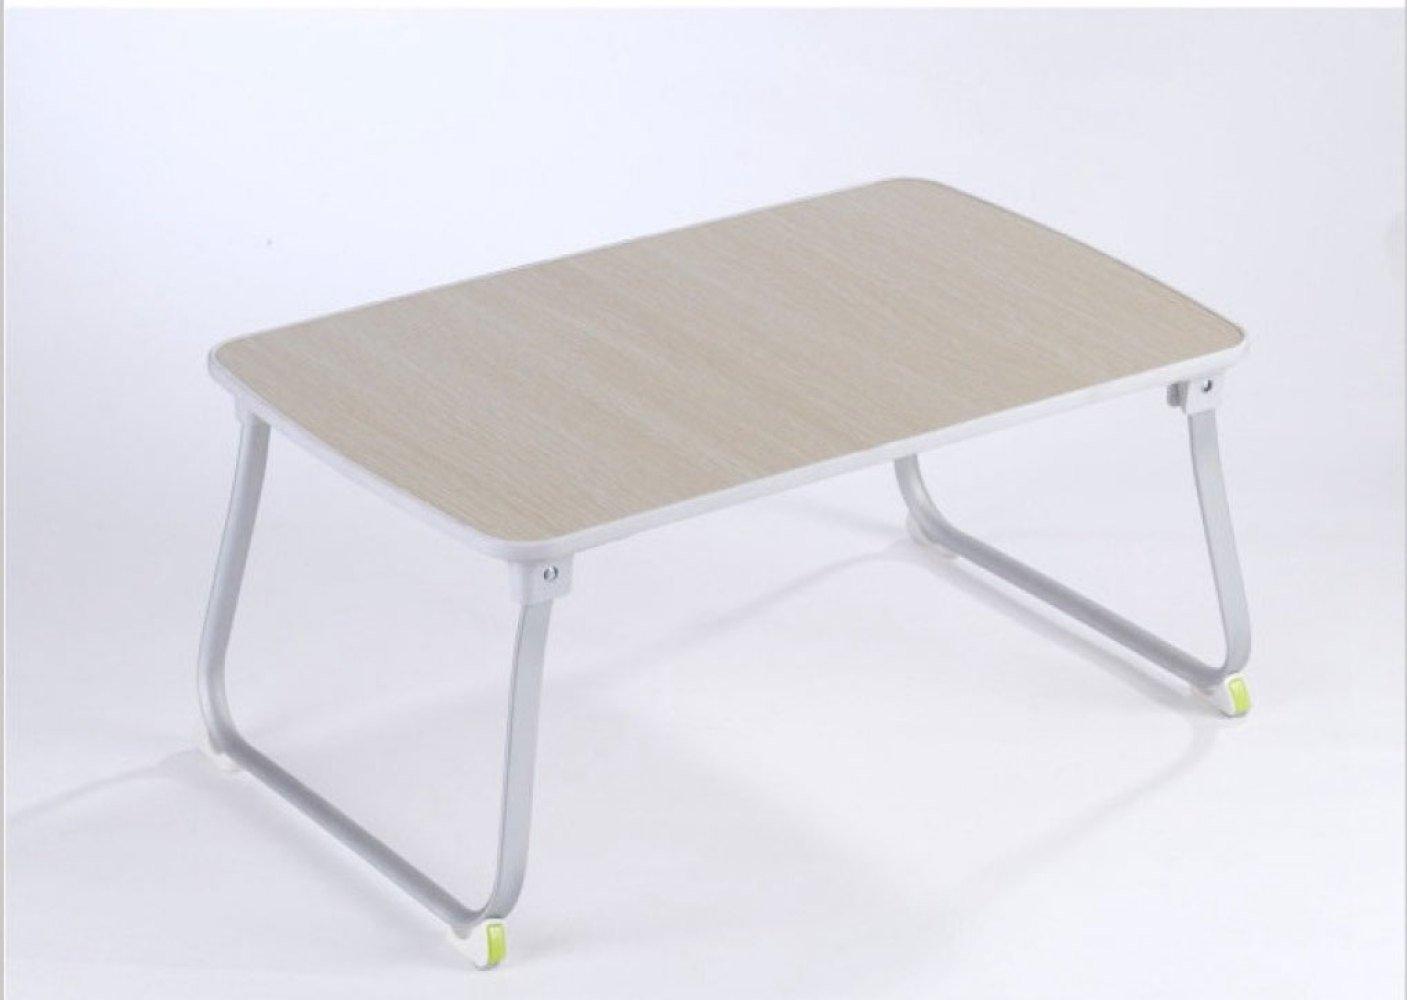 ZEXIKUN Laptop Tisch Bett Schreibtisch Home Lazy Small Tisch Dorman Klapptisch,Weiß